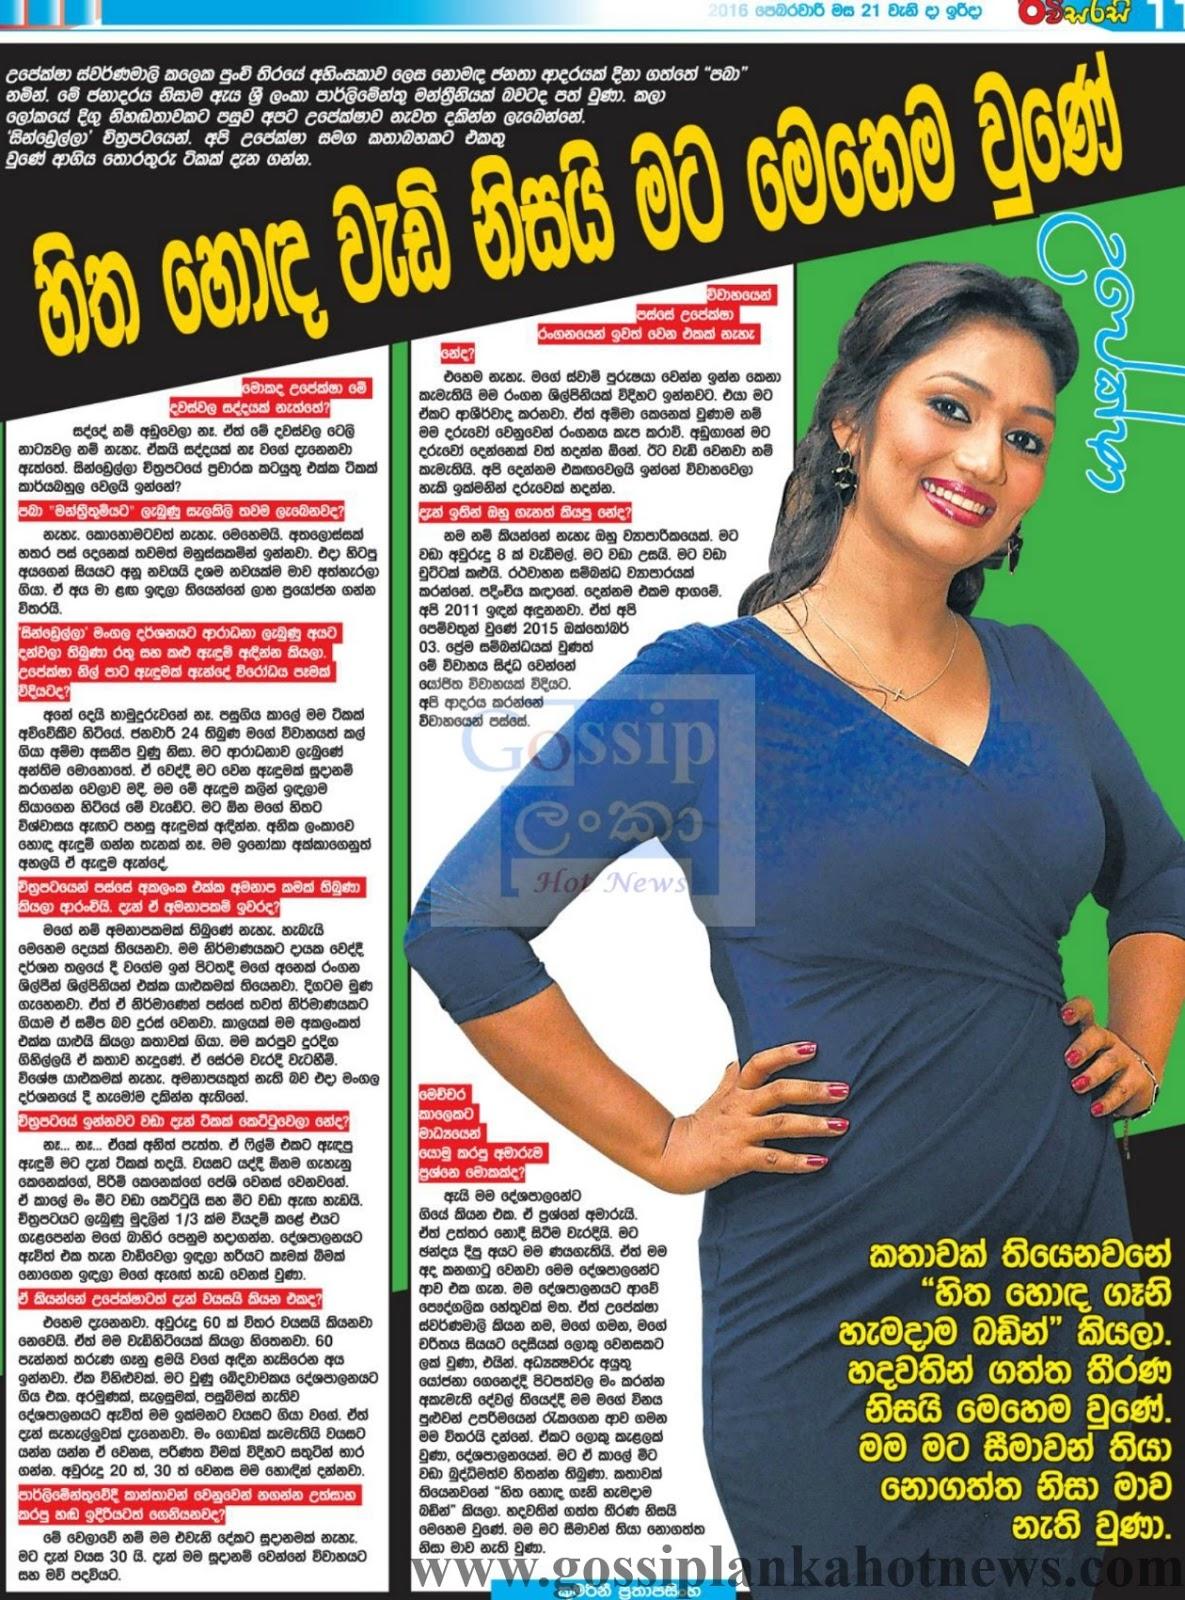 Upeksha Swarnamali Talks About her Second Marriage